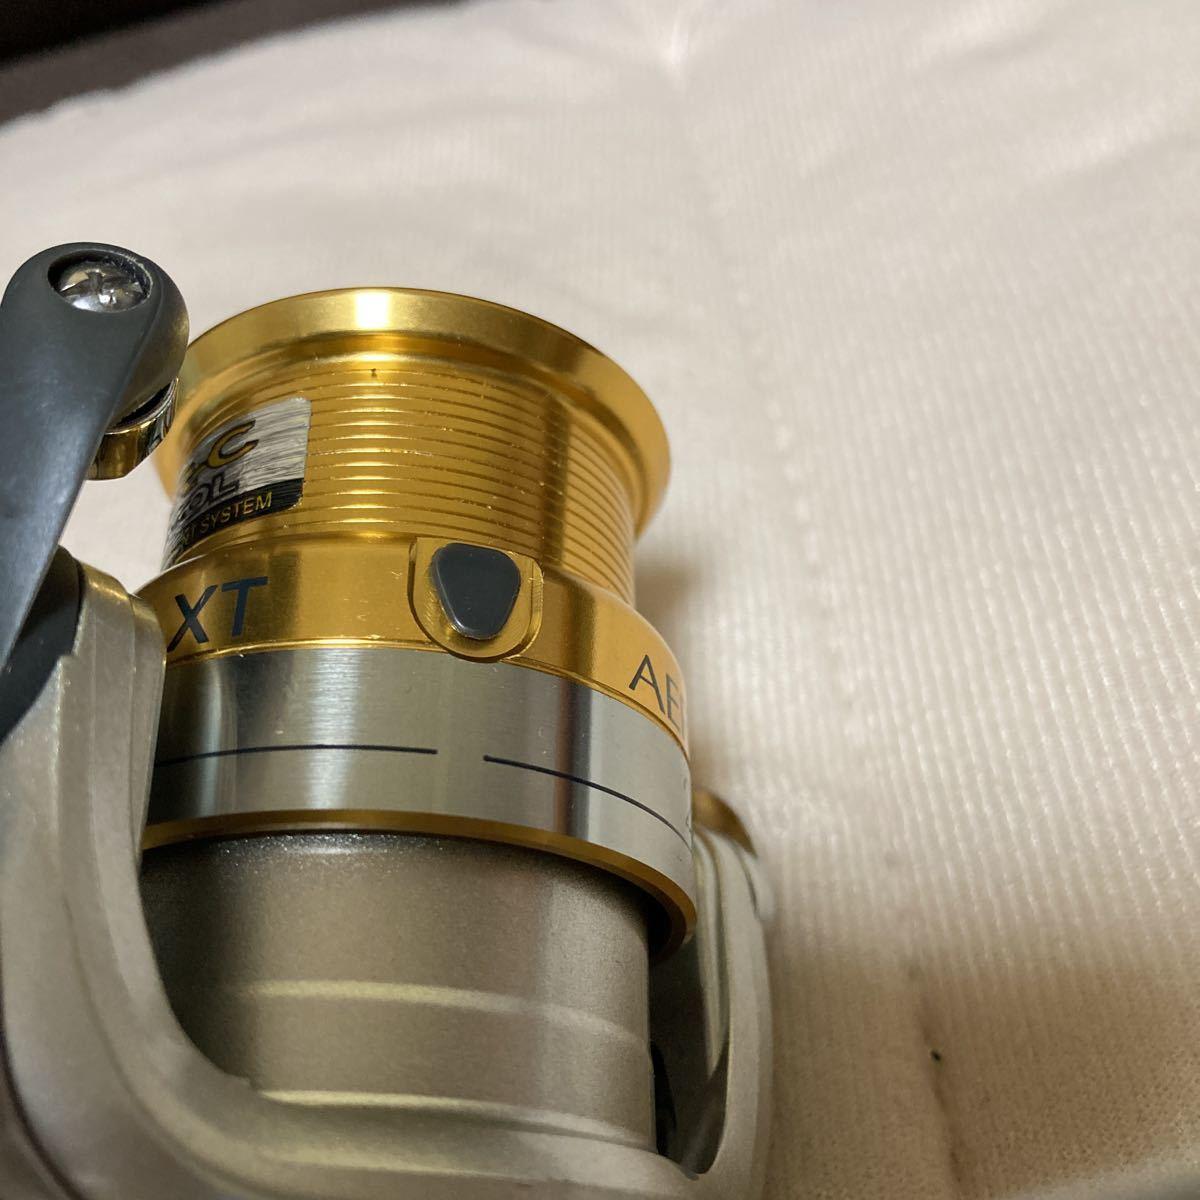 シマノ エアノス XT 2500S シマノ ネクサーブ2500 超美品 2台セット_画像7